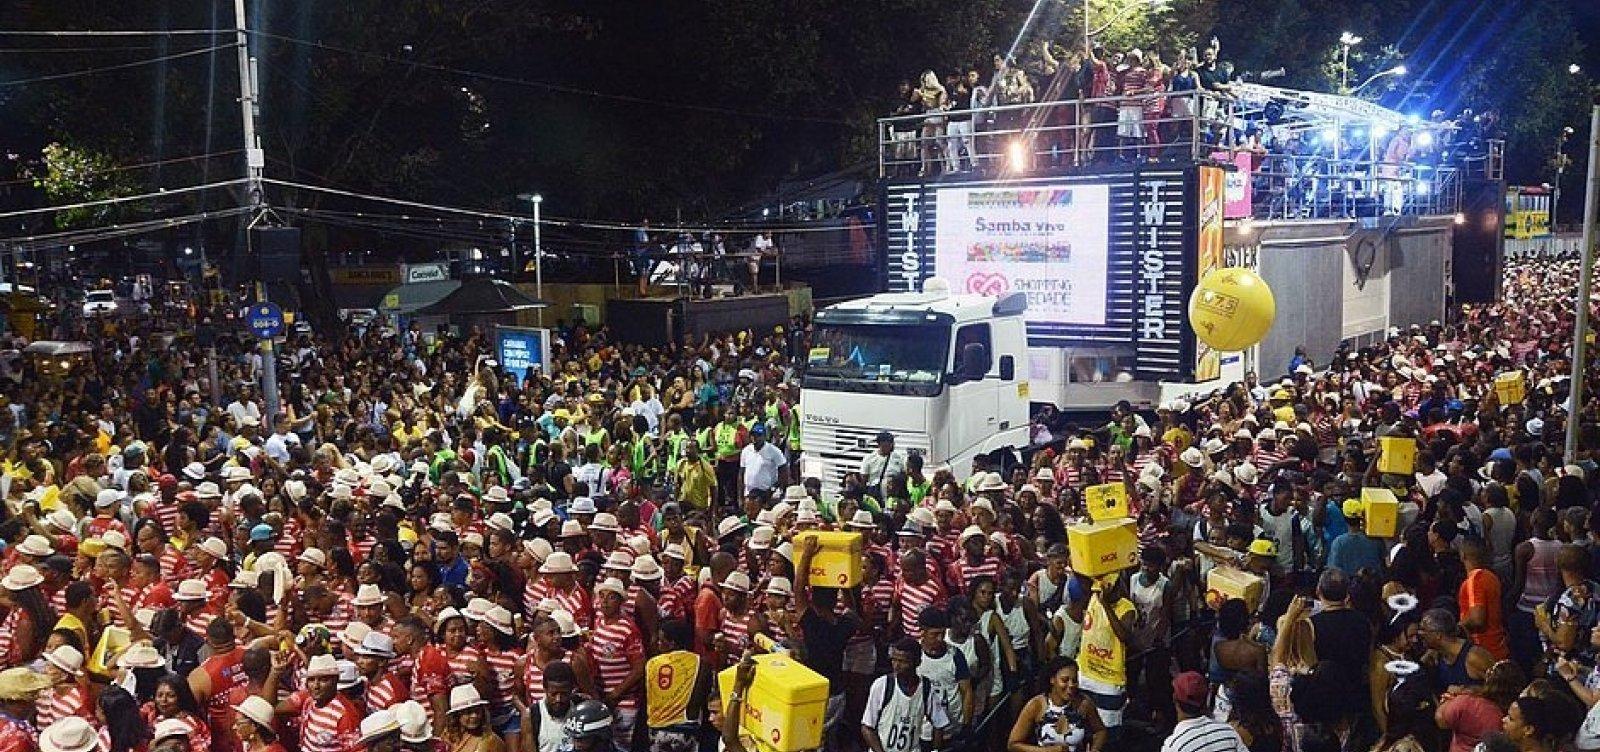 [Caminhada do Samba muda de trajeto por recomendação da Prefeitura e PM]